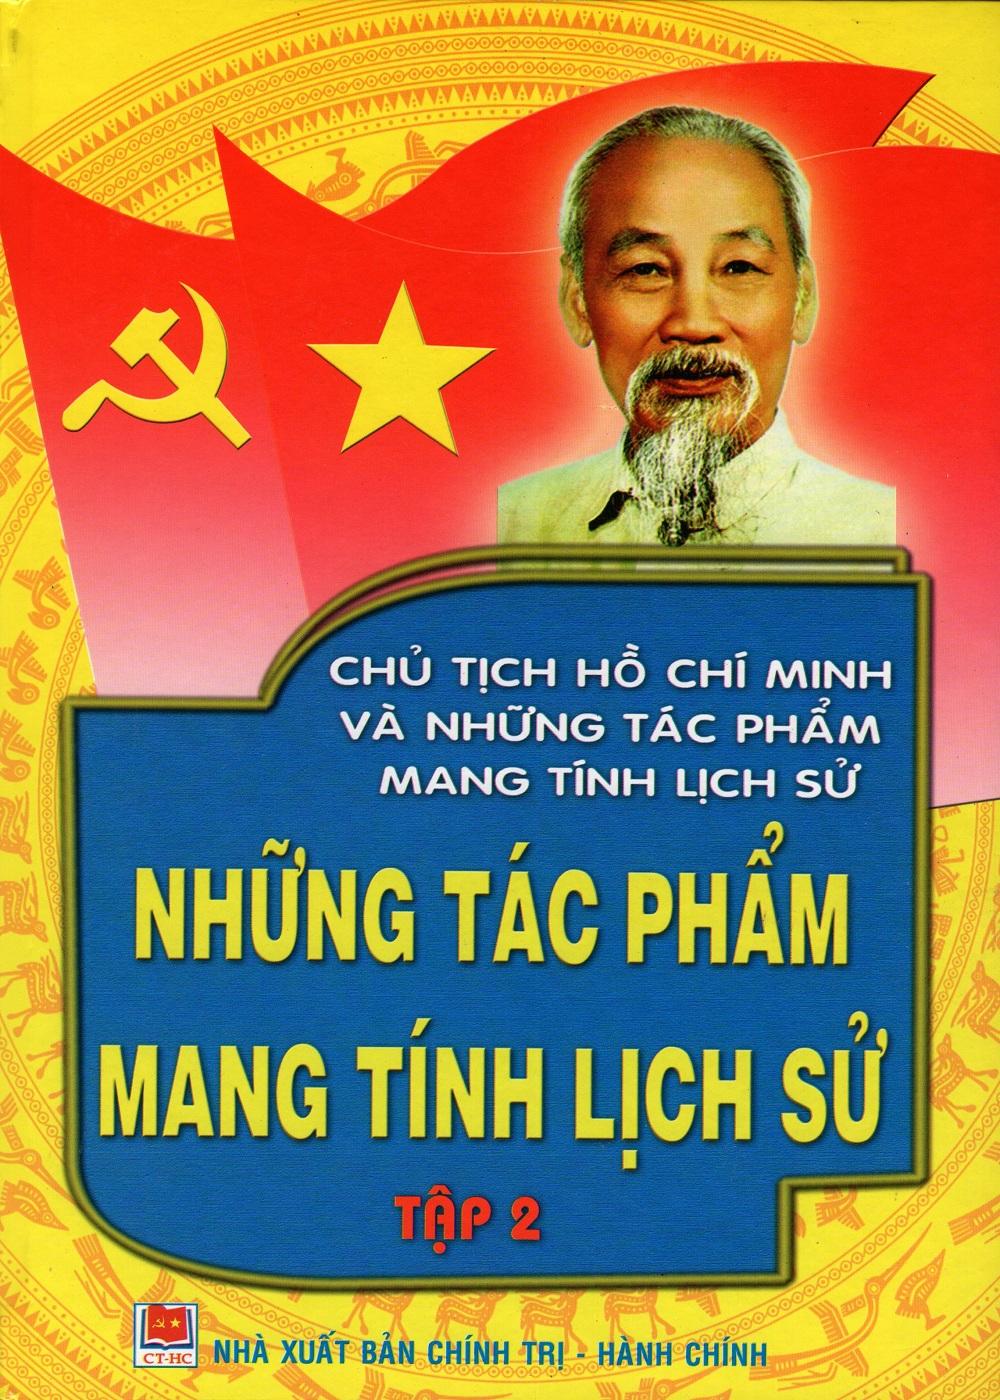 Bìa sách Chủ Tịch Hồ Chí Minh Và Những Tác Phẩm Mang Tính Lịch Sử - Những Tác Phẩm Mang Tính Lịch Sử (Tập 2)